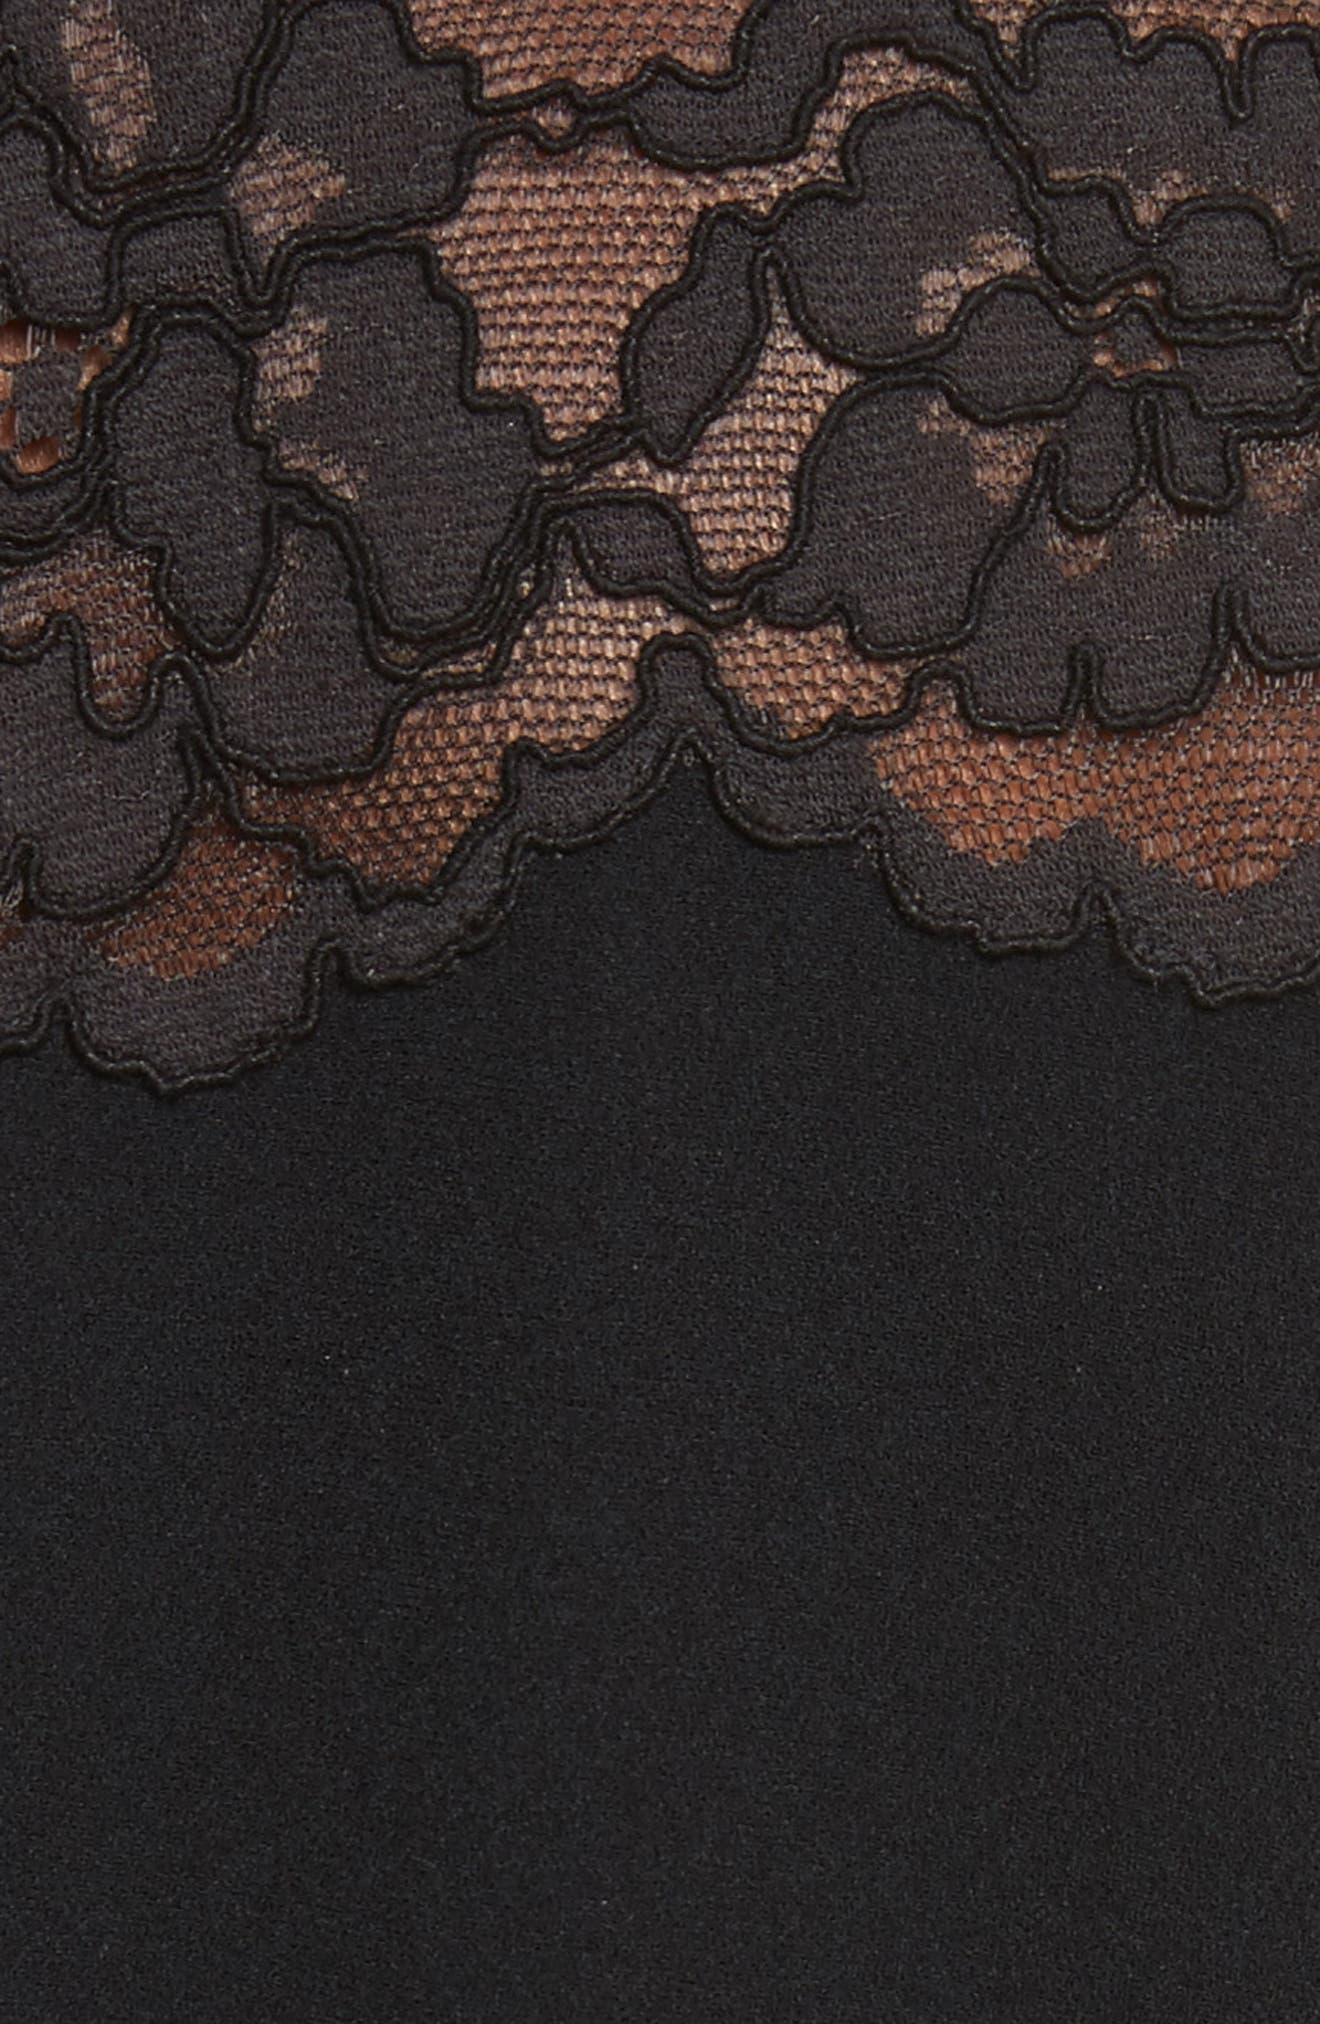 Lace & Crepe A-Line Dress,                             Alternate thumbnail 5, color,                             Black